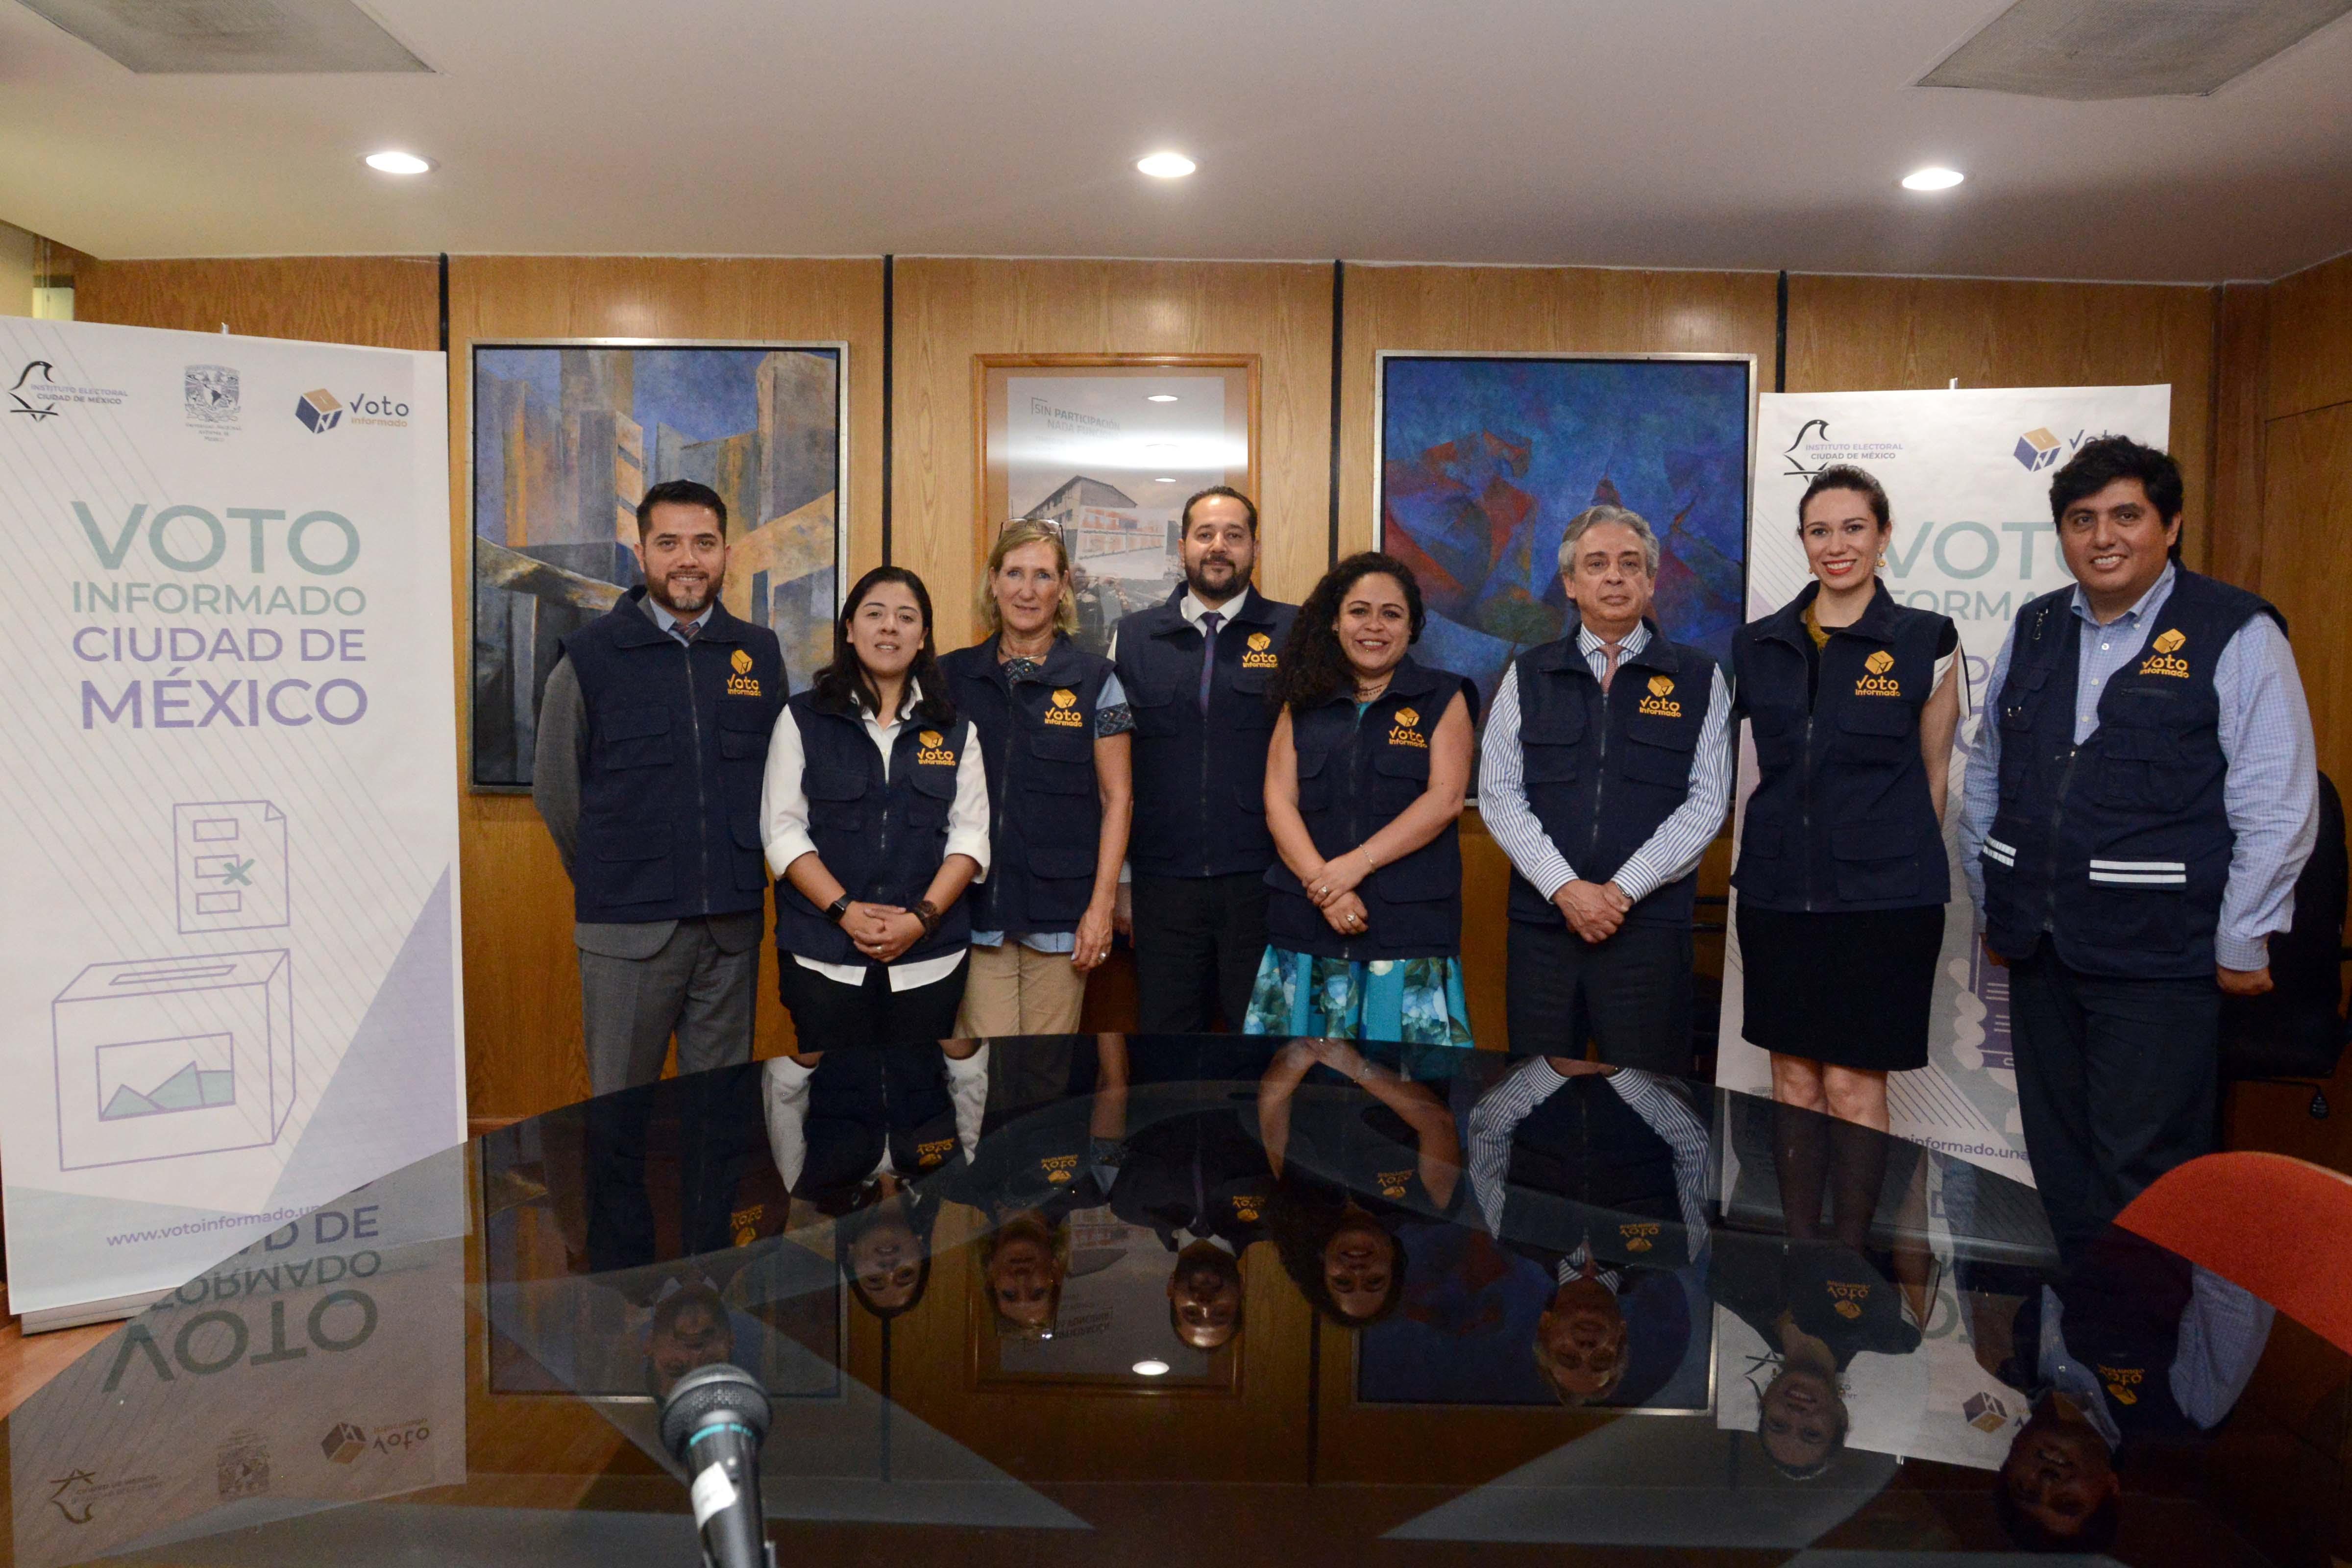 Impulsan IECM y UNAM Voto Informado 2018 en la CDMX, con plataforma digital